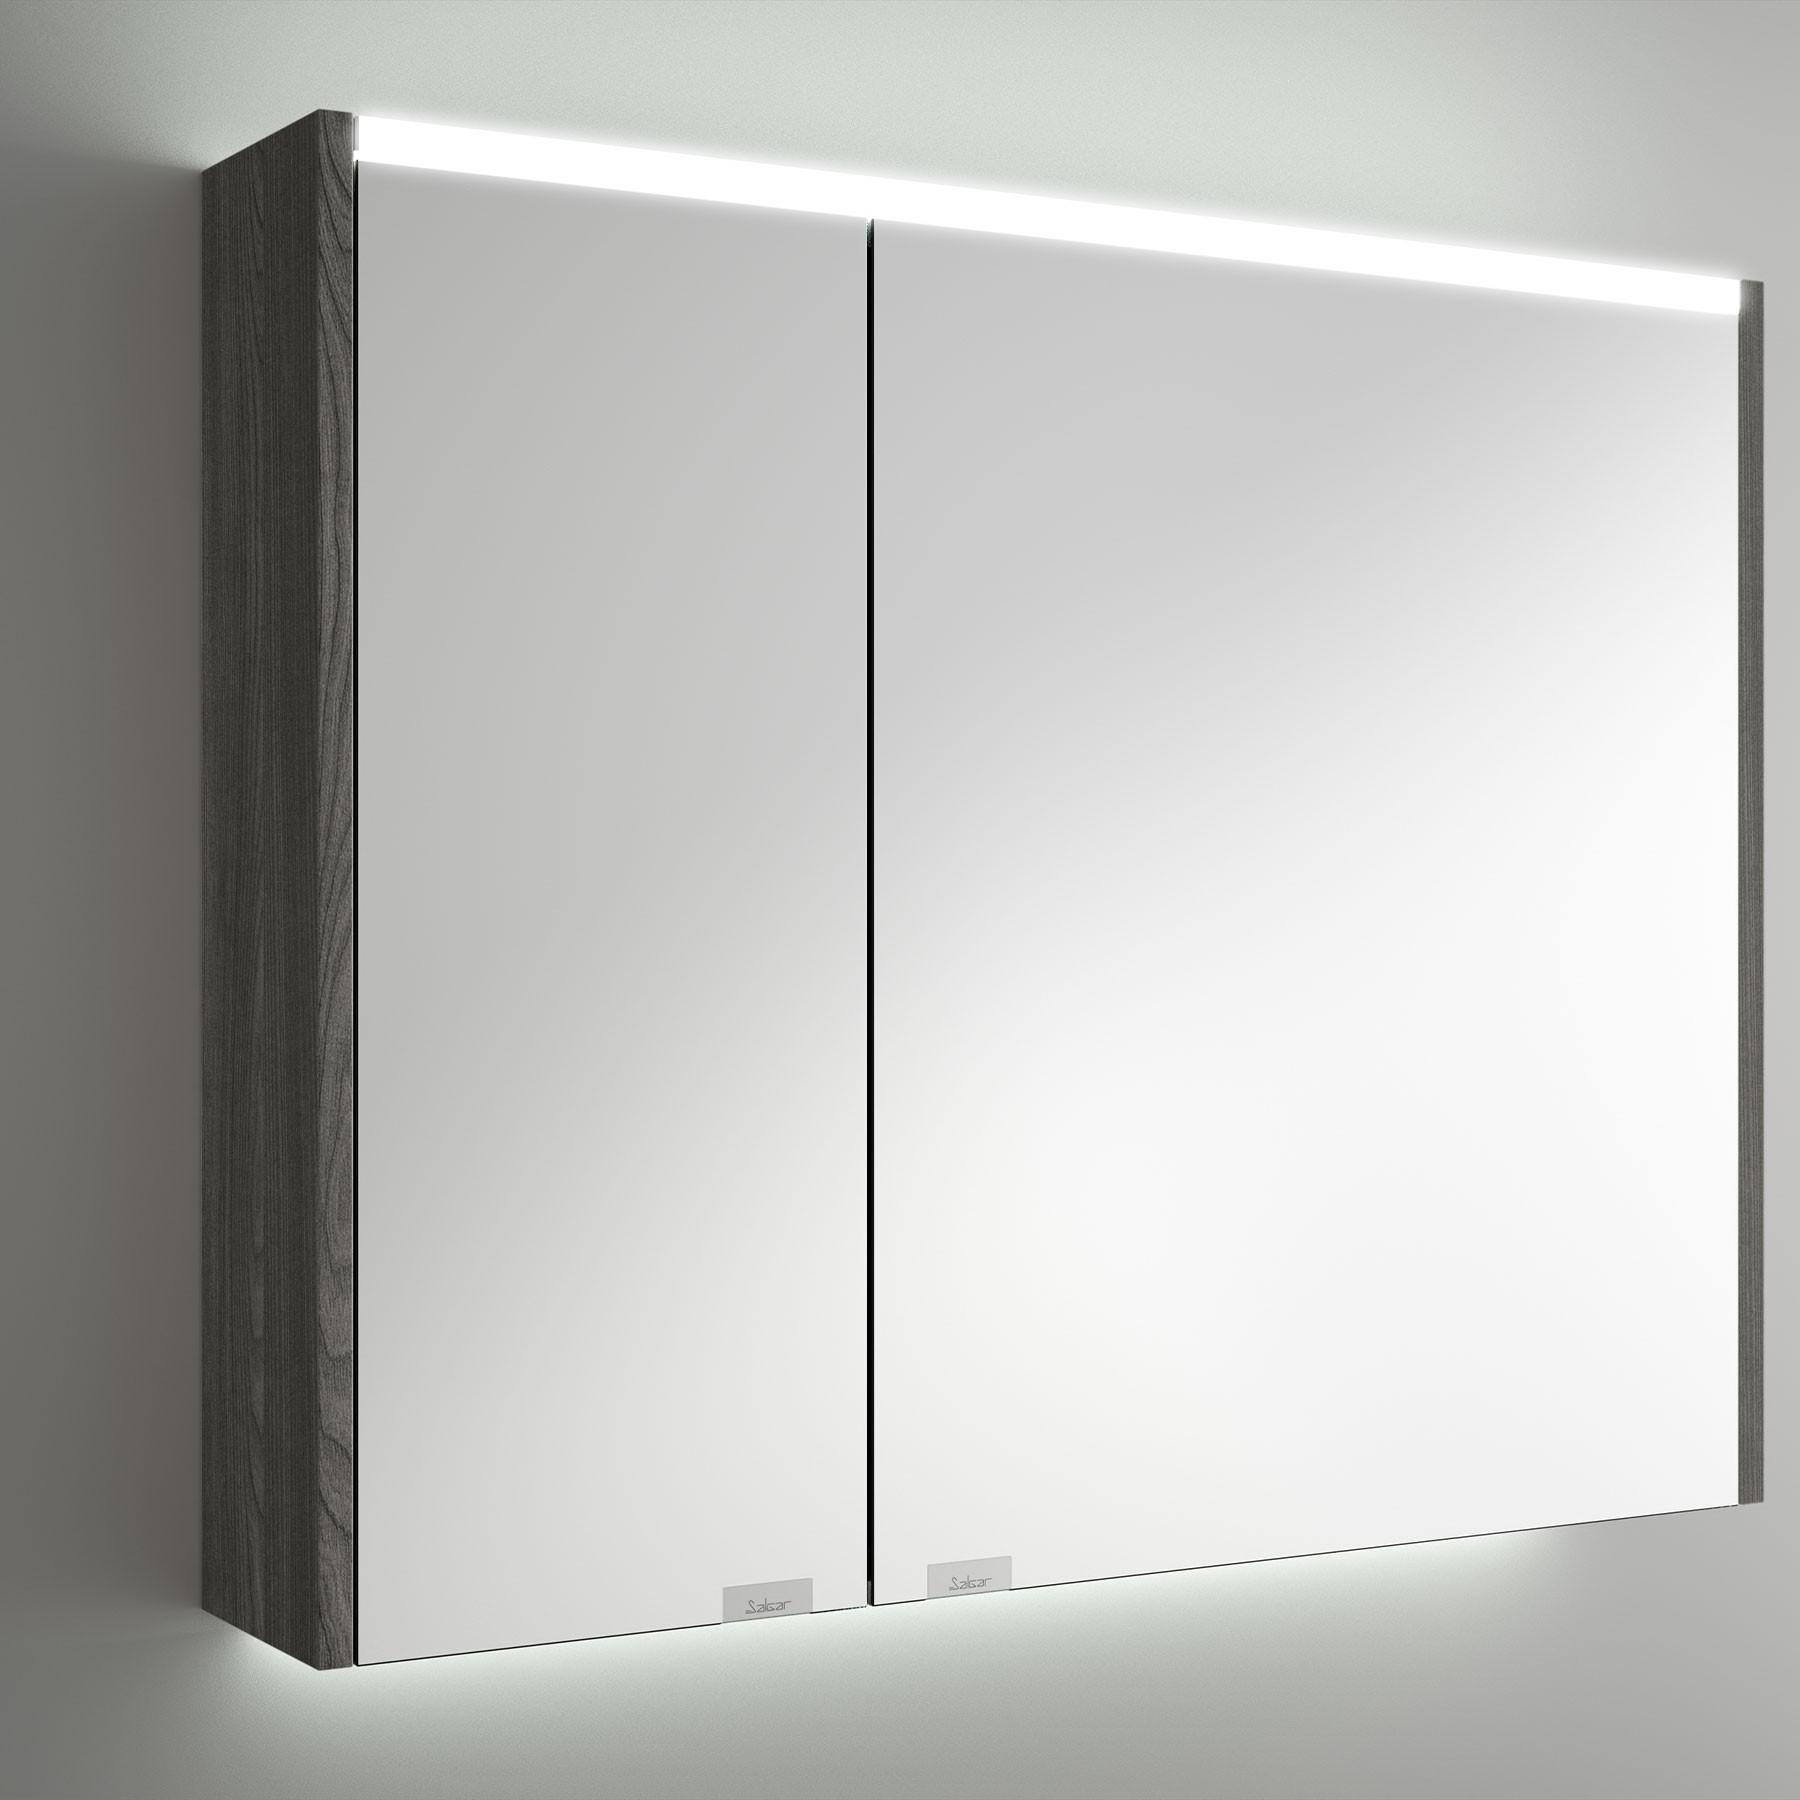 Armoire Alliance 800 Alsace 2 Portes Miroir Double Avec Interrupteur Et Prise Et Lumiere Led Superieur Inferieur Ip44 20w 830 X 666 X 150 Mm